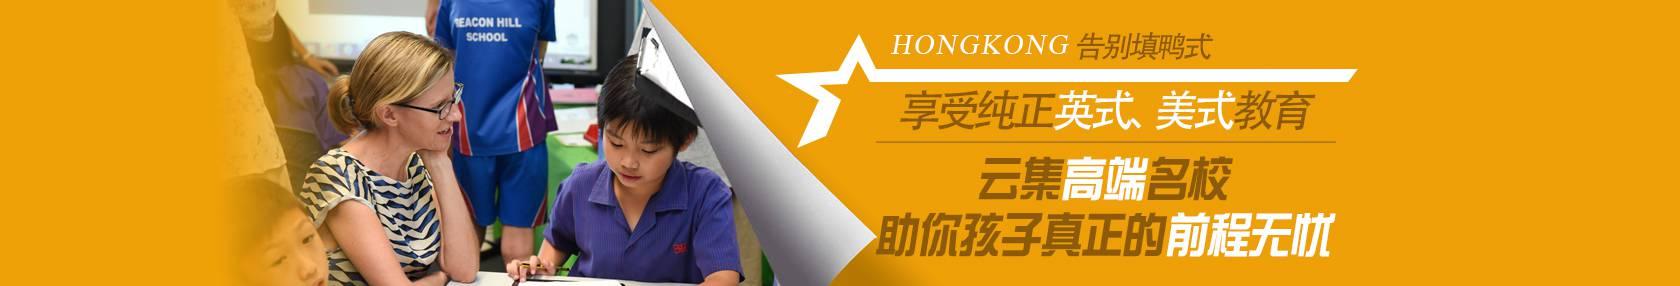 环球移民香港升学项目助您孩子享受纯正英式、美式教育!